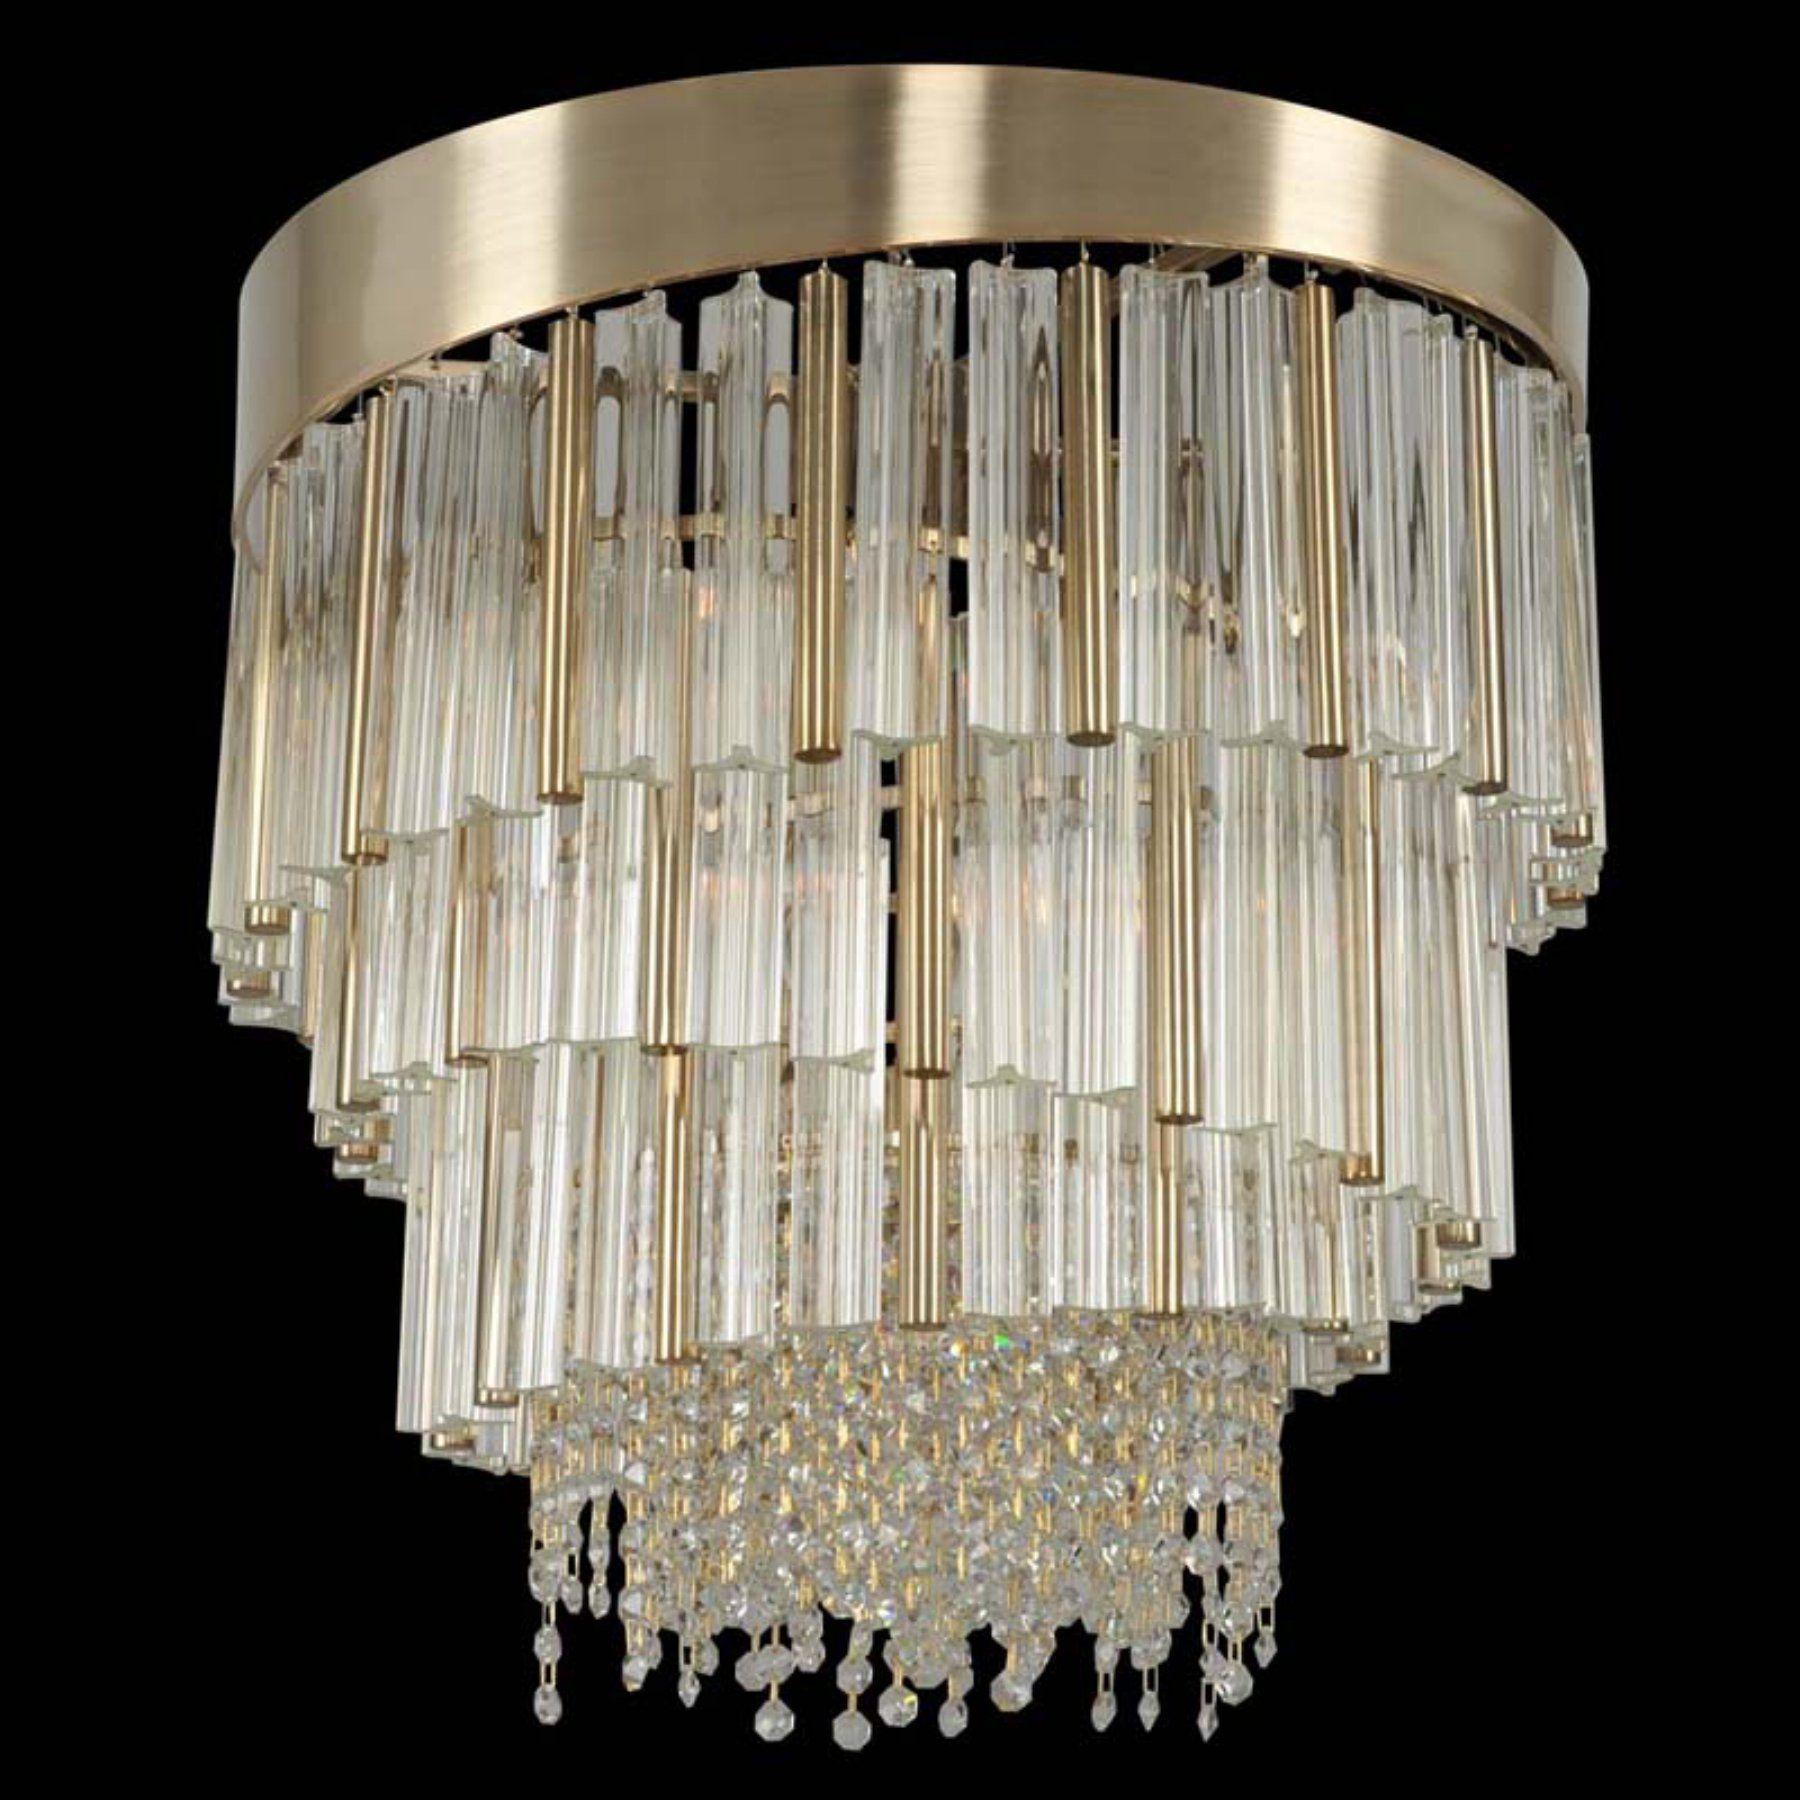 Allegri By Kalco Lighting Espirali 02985 Chandelier 029850